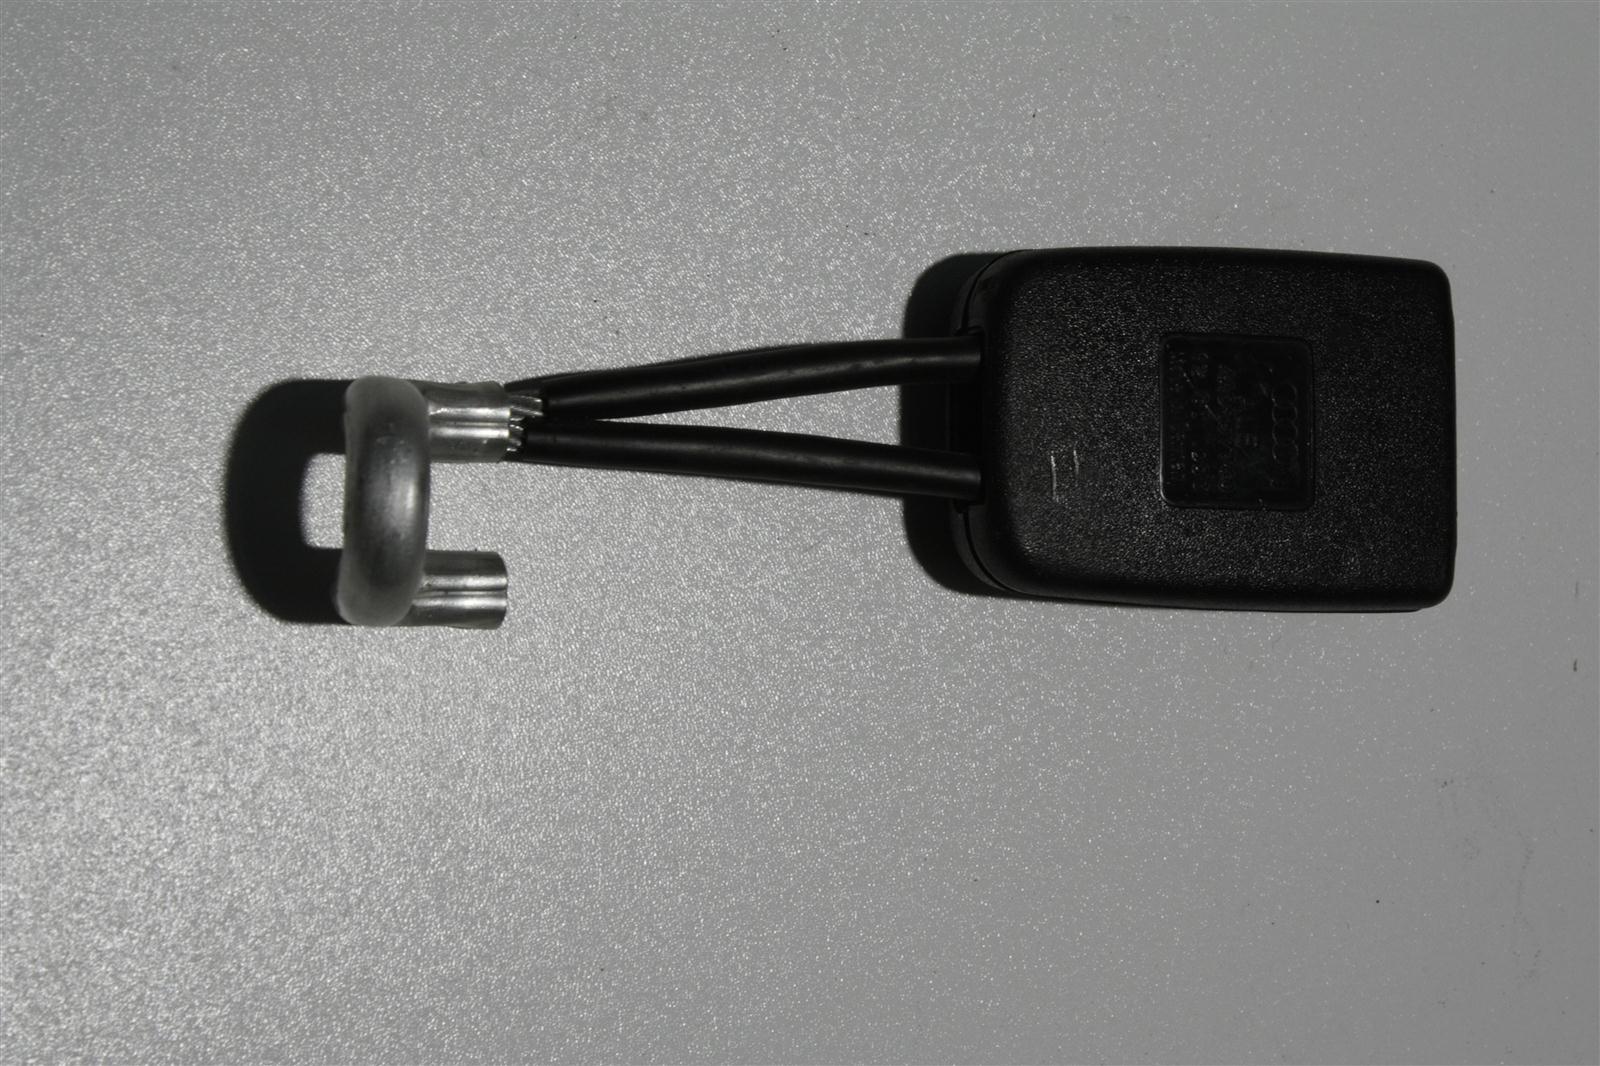 Audi 100/A6 C4 Gurtschloss Hinten 4A0857740